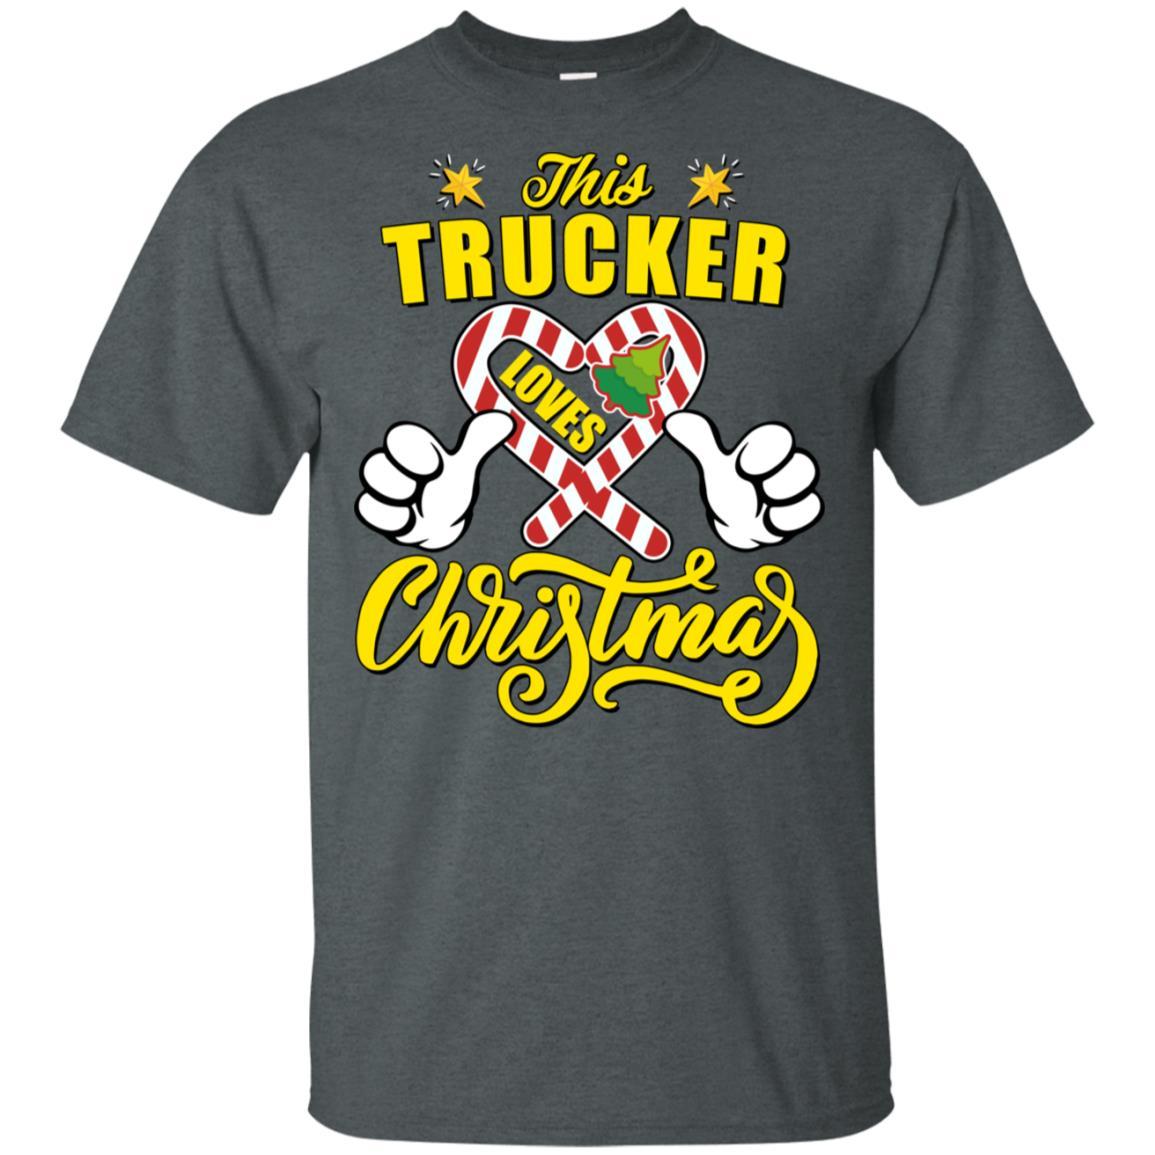 This Trucker Loves Christmas Unisex Short Sleeve